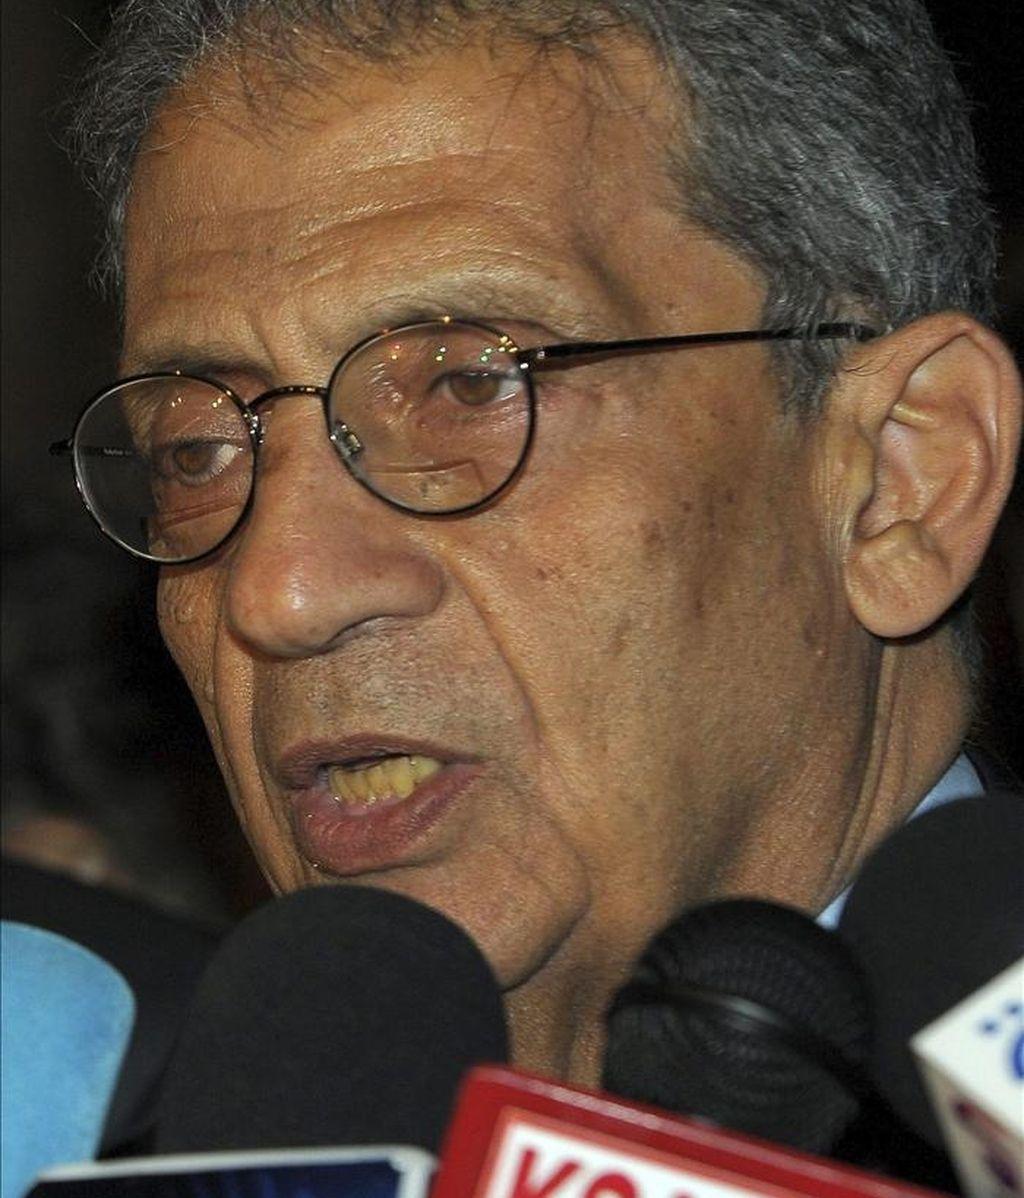 Egipto presentó hoy al vicepresidente del Parlamento Árabe, Mustafa el Fiki, exresponsable del Partido Nacional Democrático (PND, antiguo partido gobernante), como candidato a suceder al actual secretario general de la Liga Árabe, Amro Musa (en la imagen). EFE/Archivo